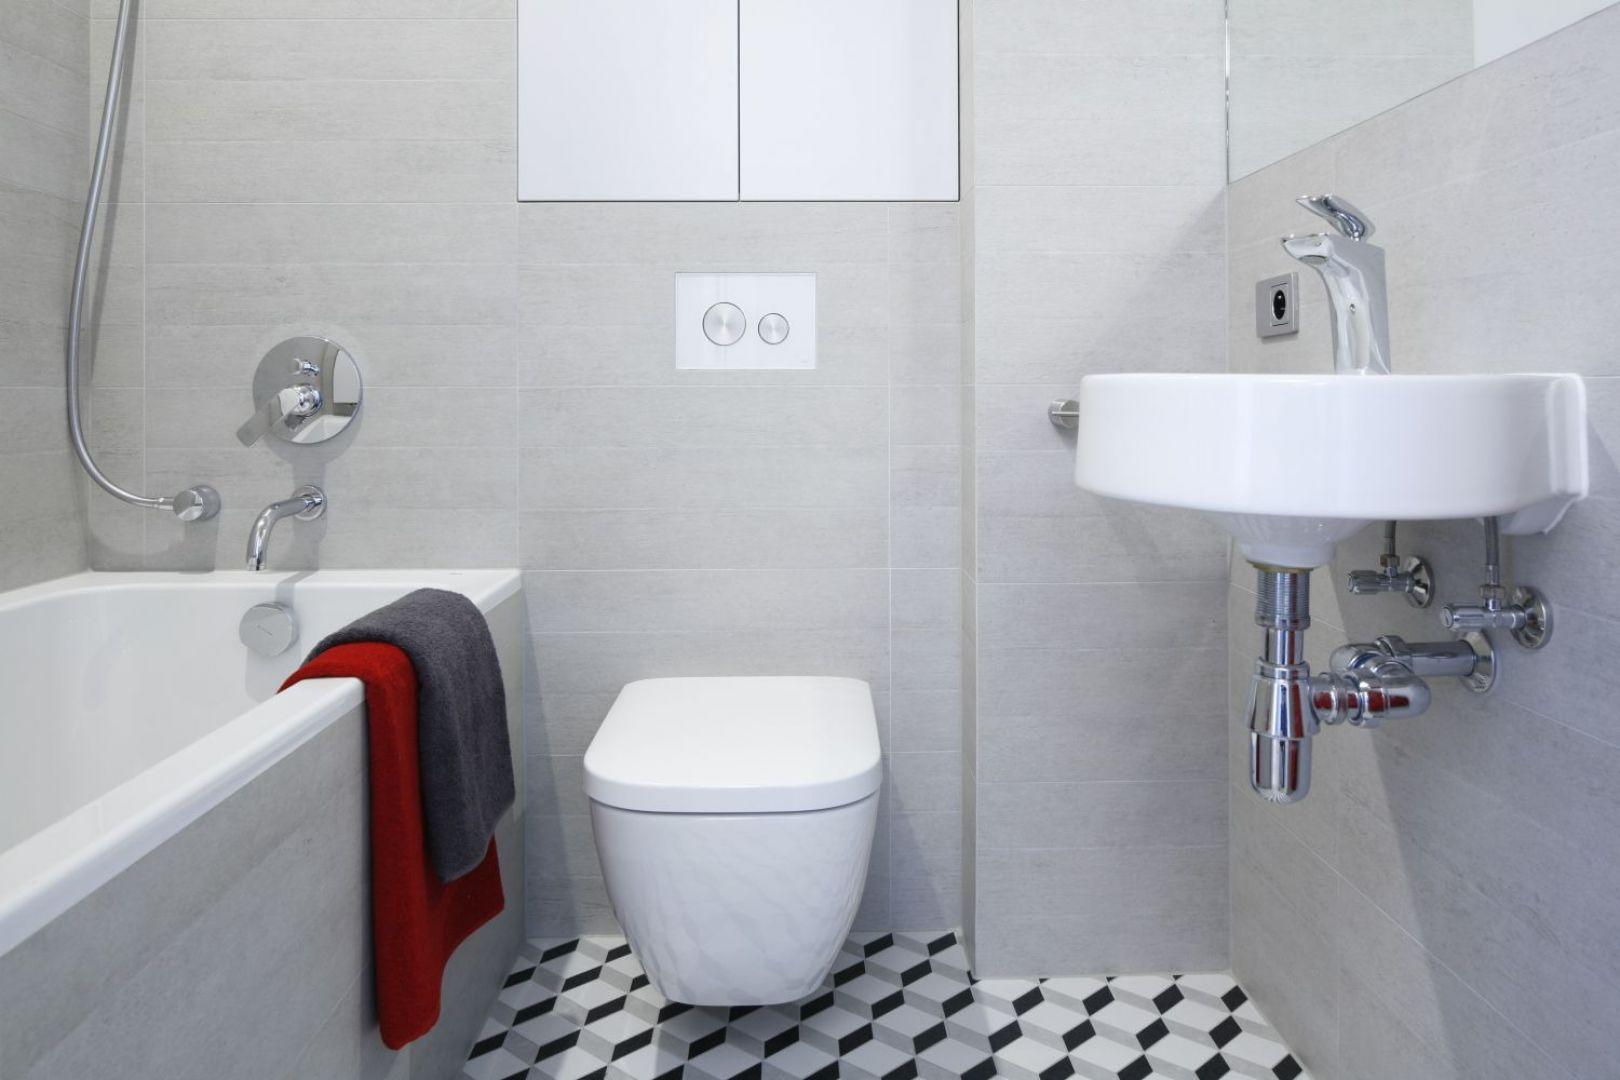 Wzorzyste płytki marki Tubądzin zdobią podłogą w szarej łazience, dodając jej aranżacji pazura. Proj. Małgorzata Łyszczarz. Fot. Bartosz Jarosz